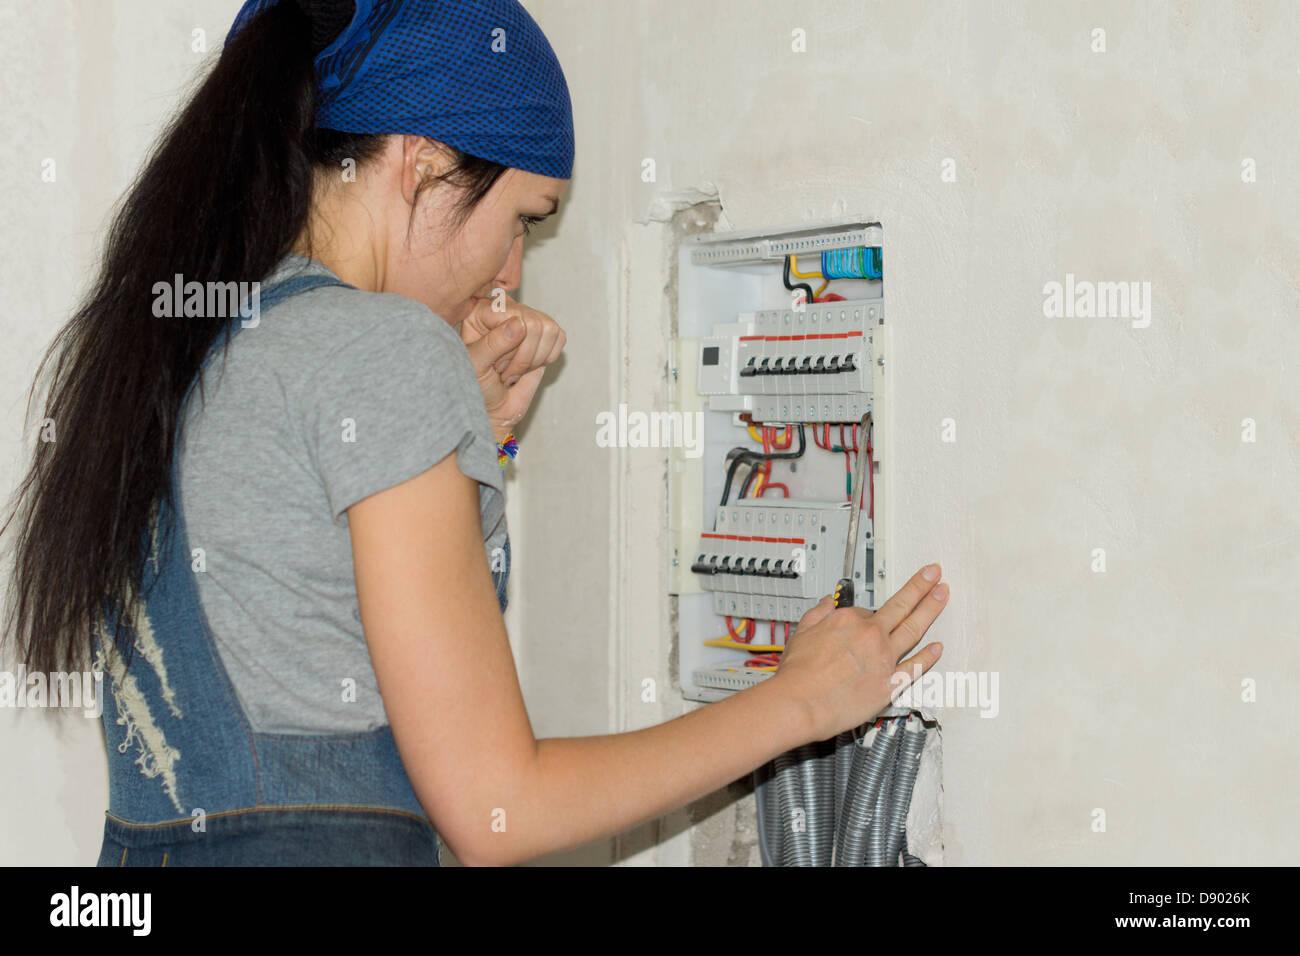 DIY Frau betrachten eine elektrische Schalttafel Stockfoto, Bild ...